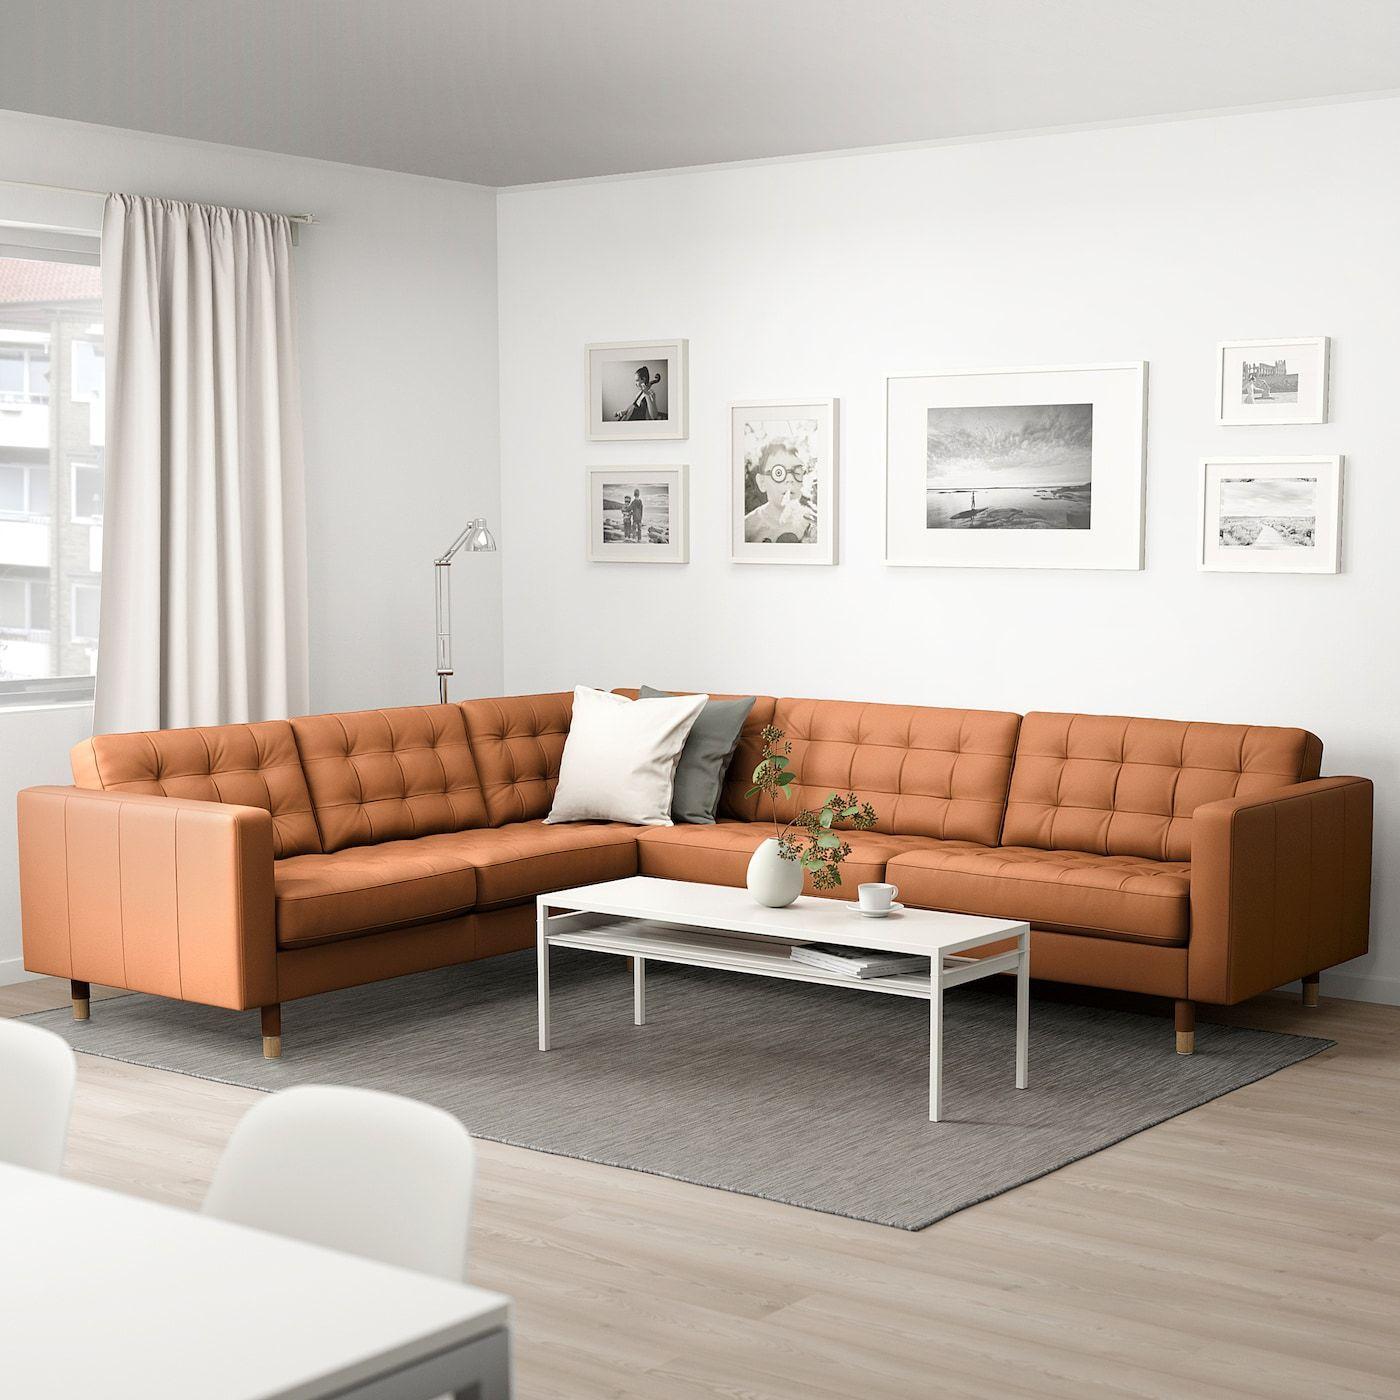 Landskrona Ecksofa 5 Sitzig Grann Bomstad Goldbraun Hier Bestellen Ikea Osterreich In 2020 Wohnzimmer Braun Wohnzimmer Design Ikea Ecksofa